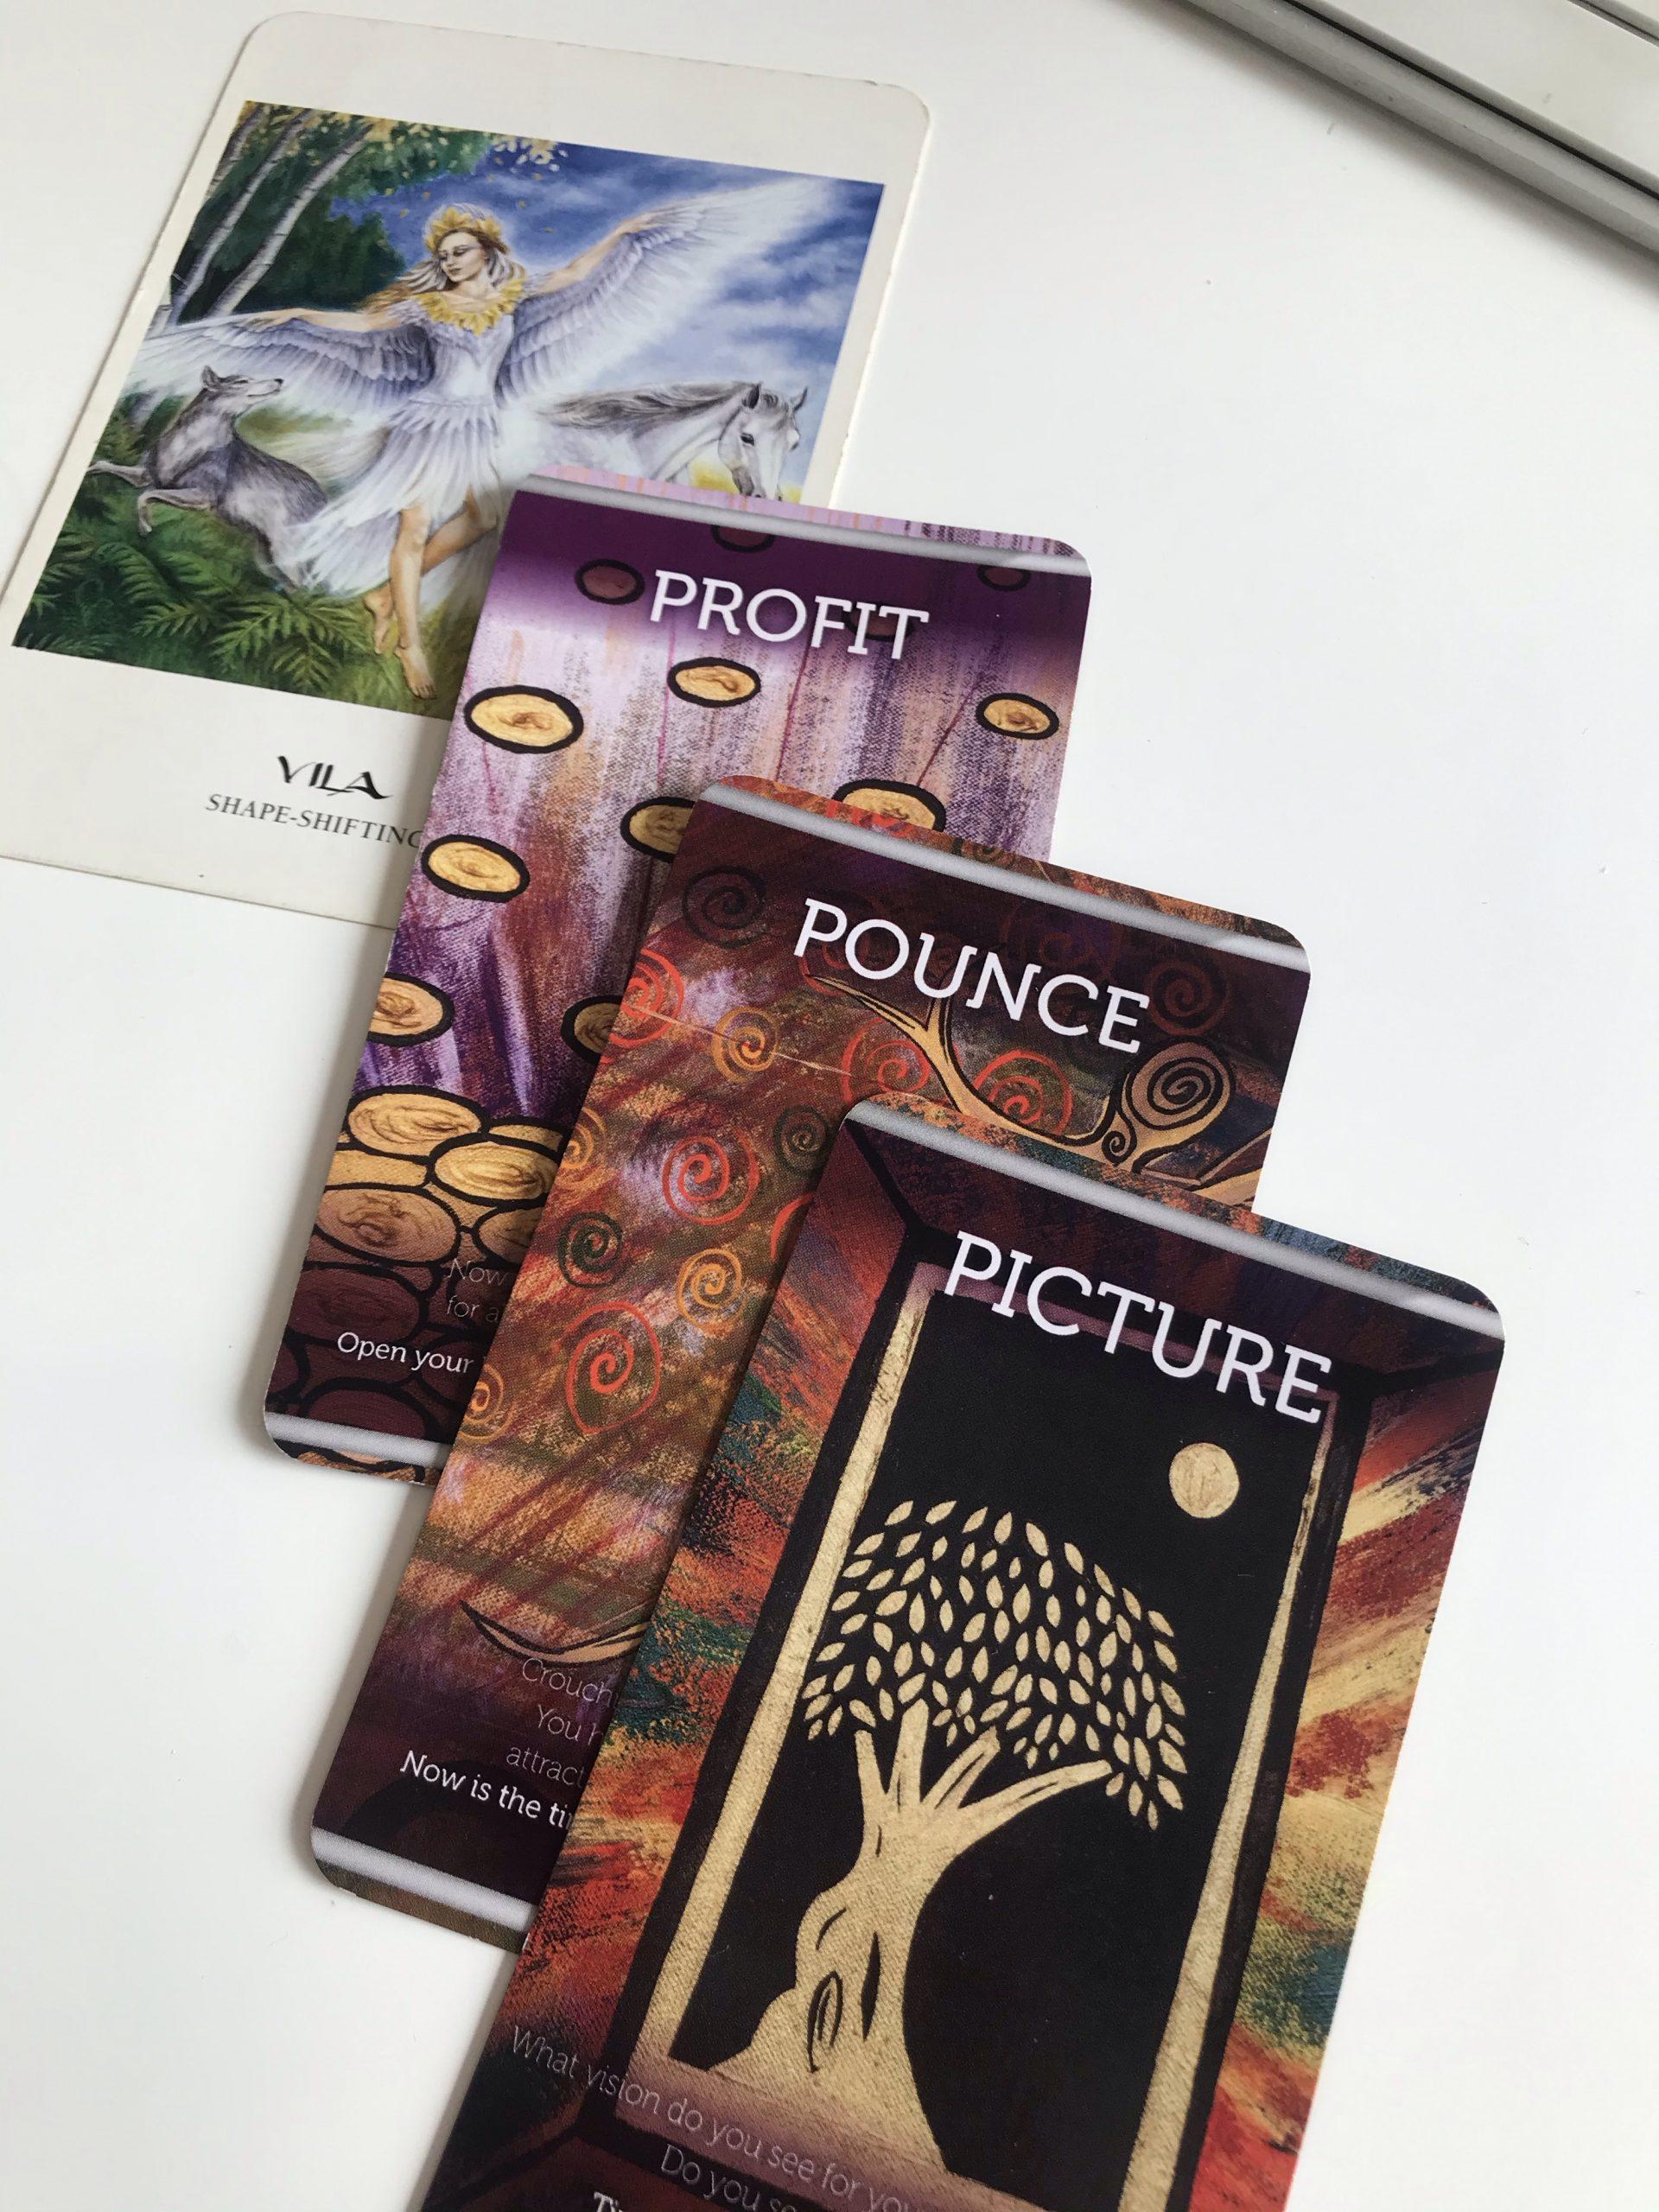 Profit, Pounce & Picture